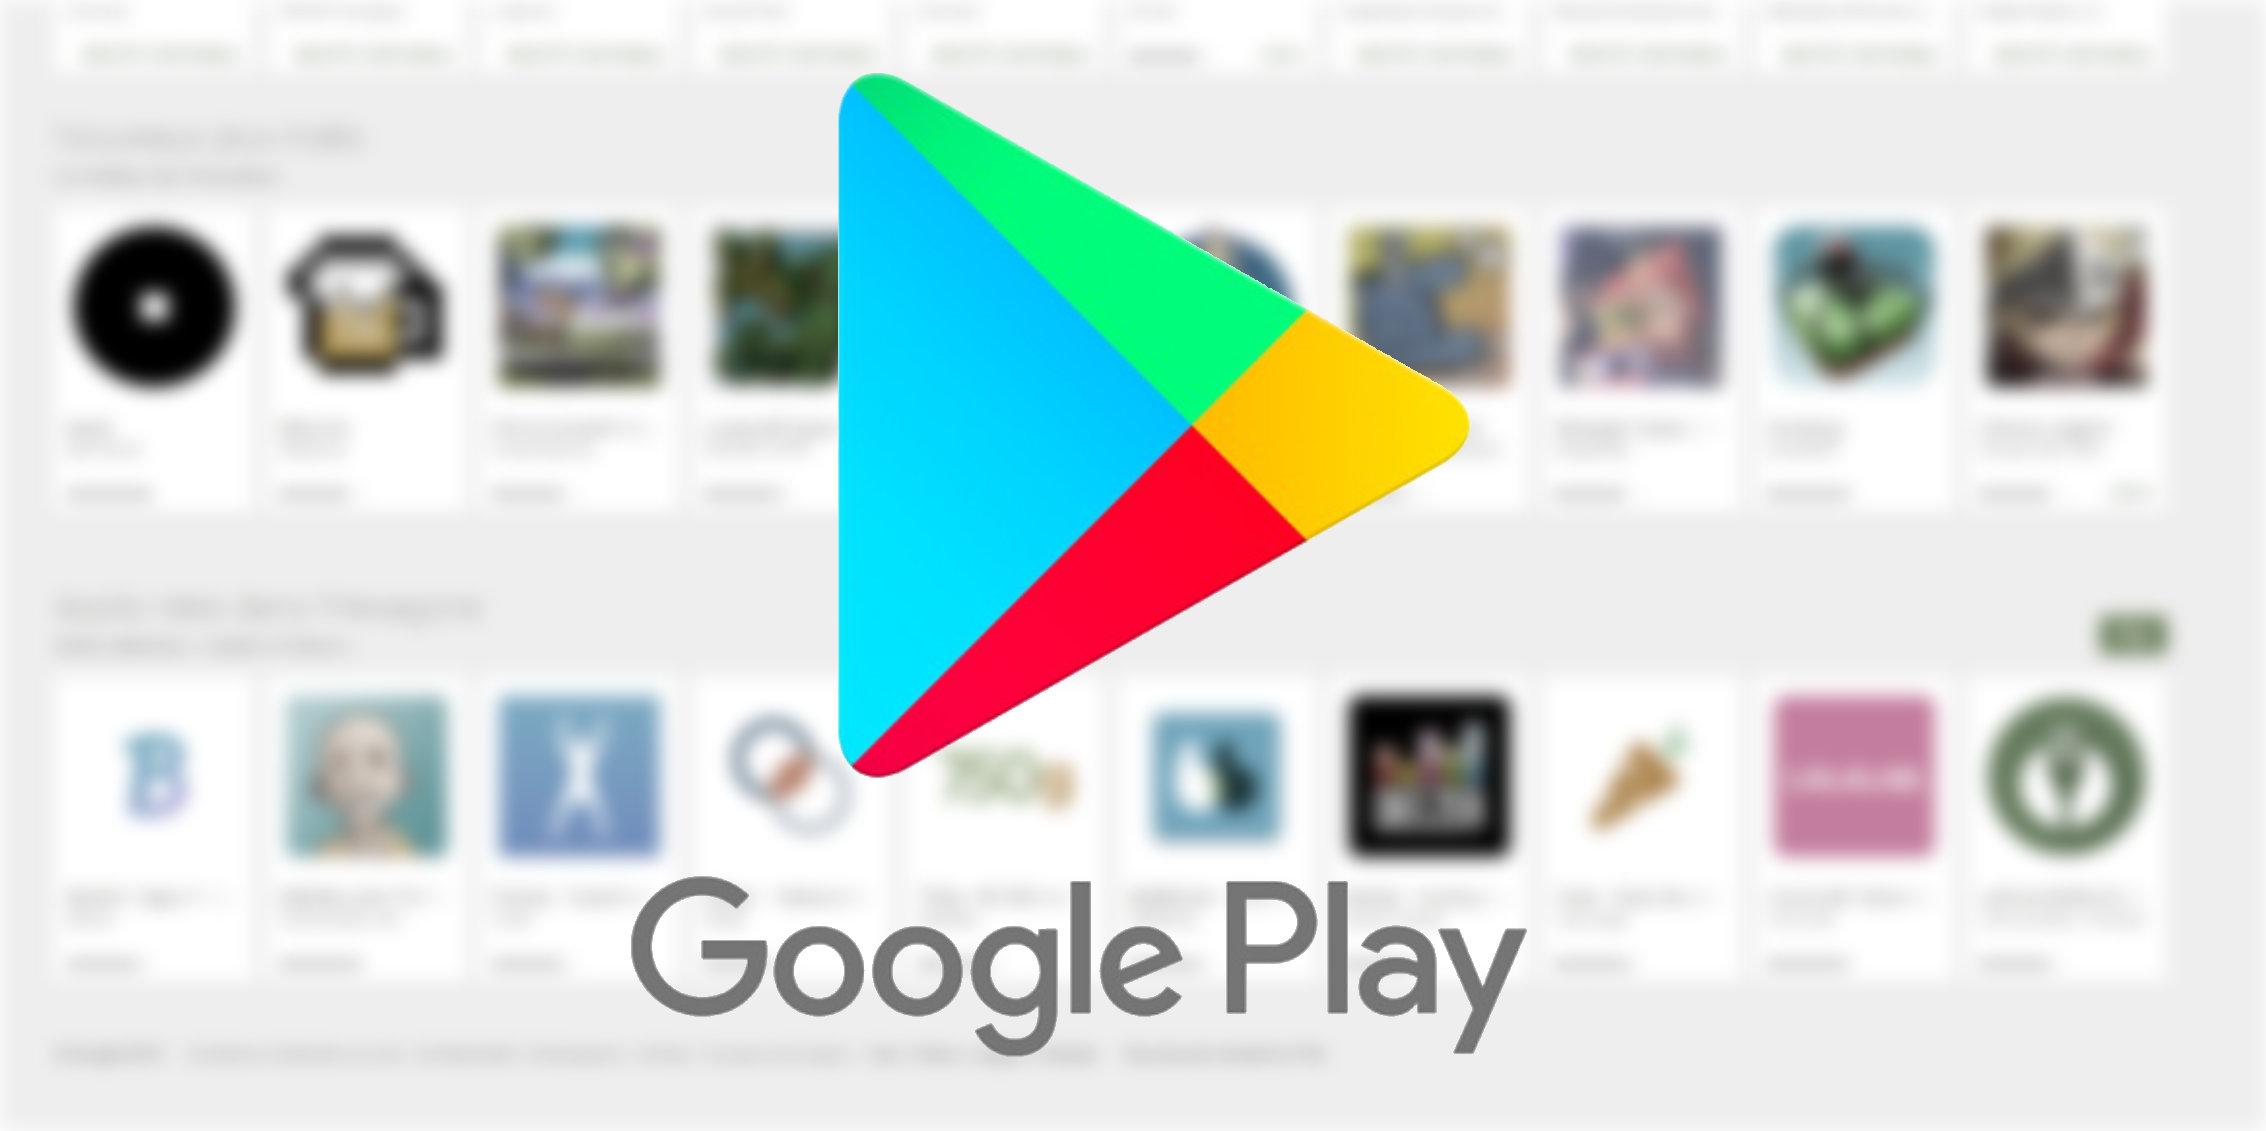 Zararlı uygulamalar Play Store'dan kaldırıldı!